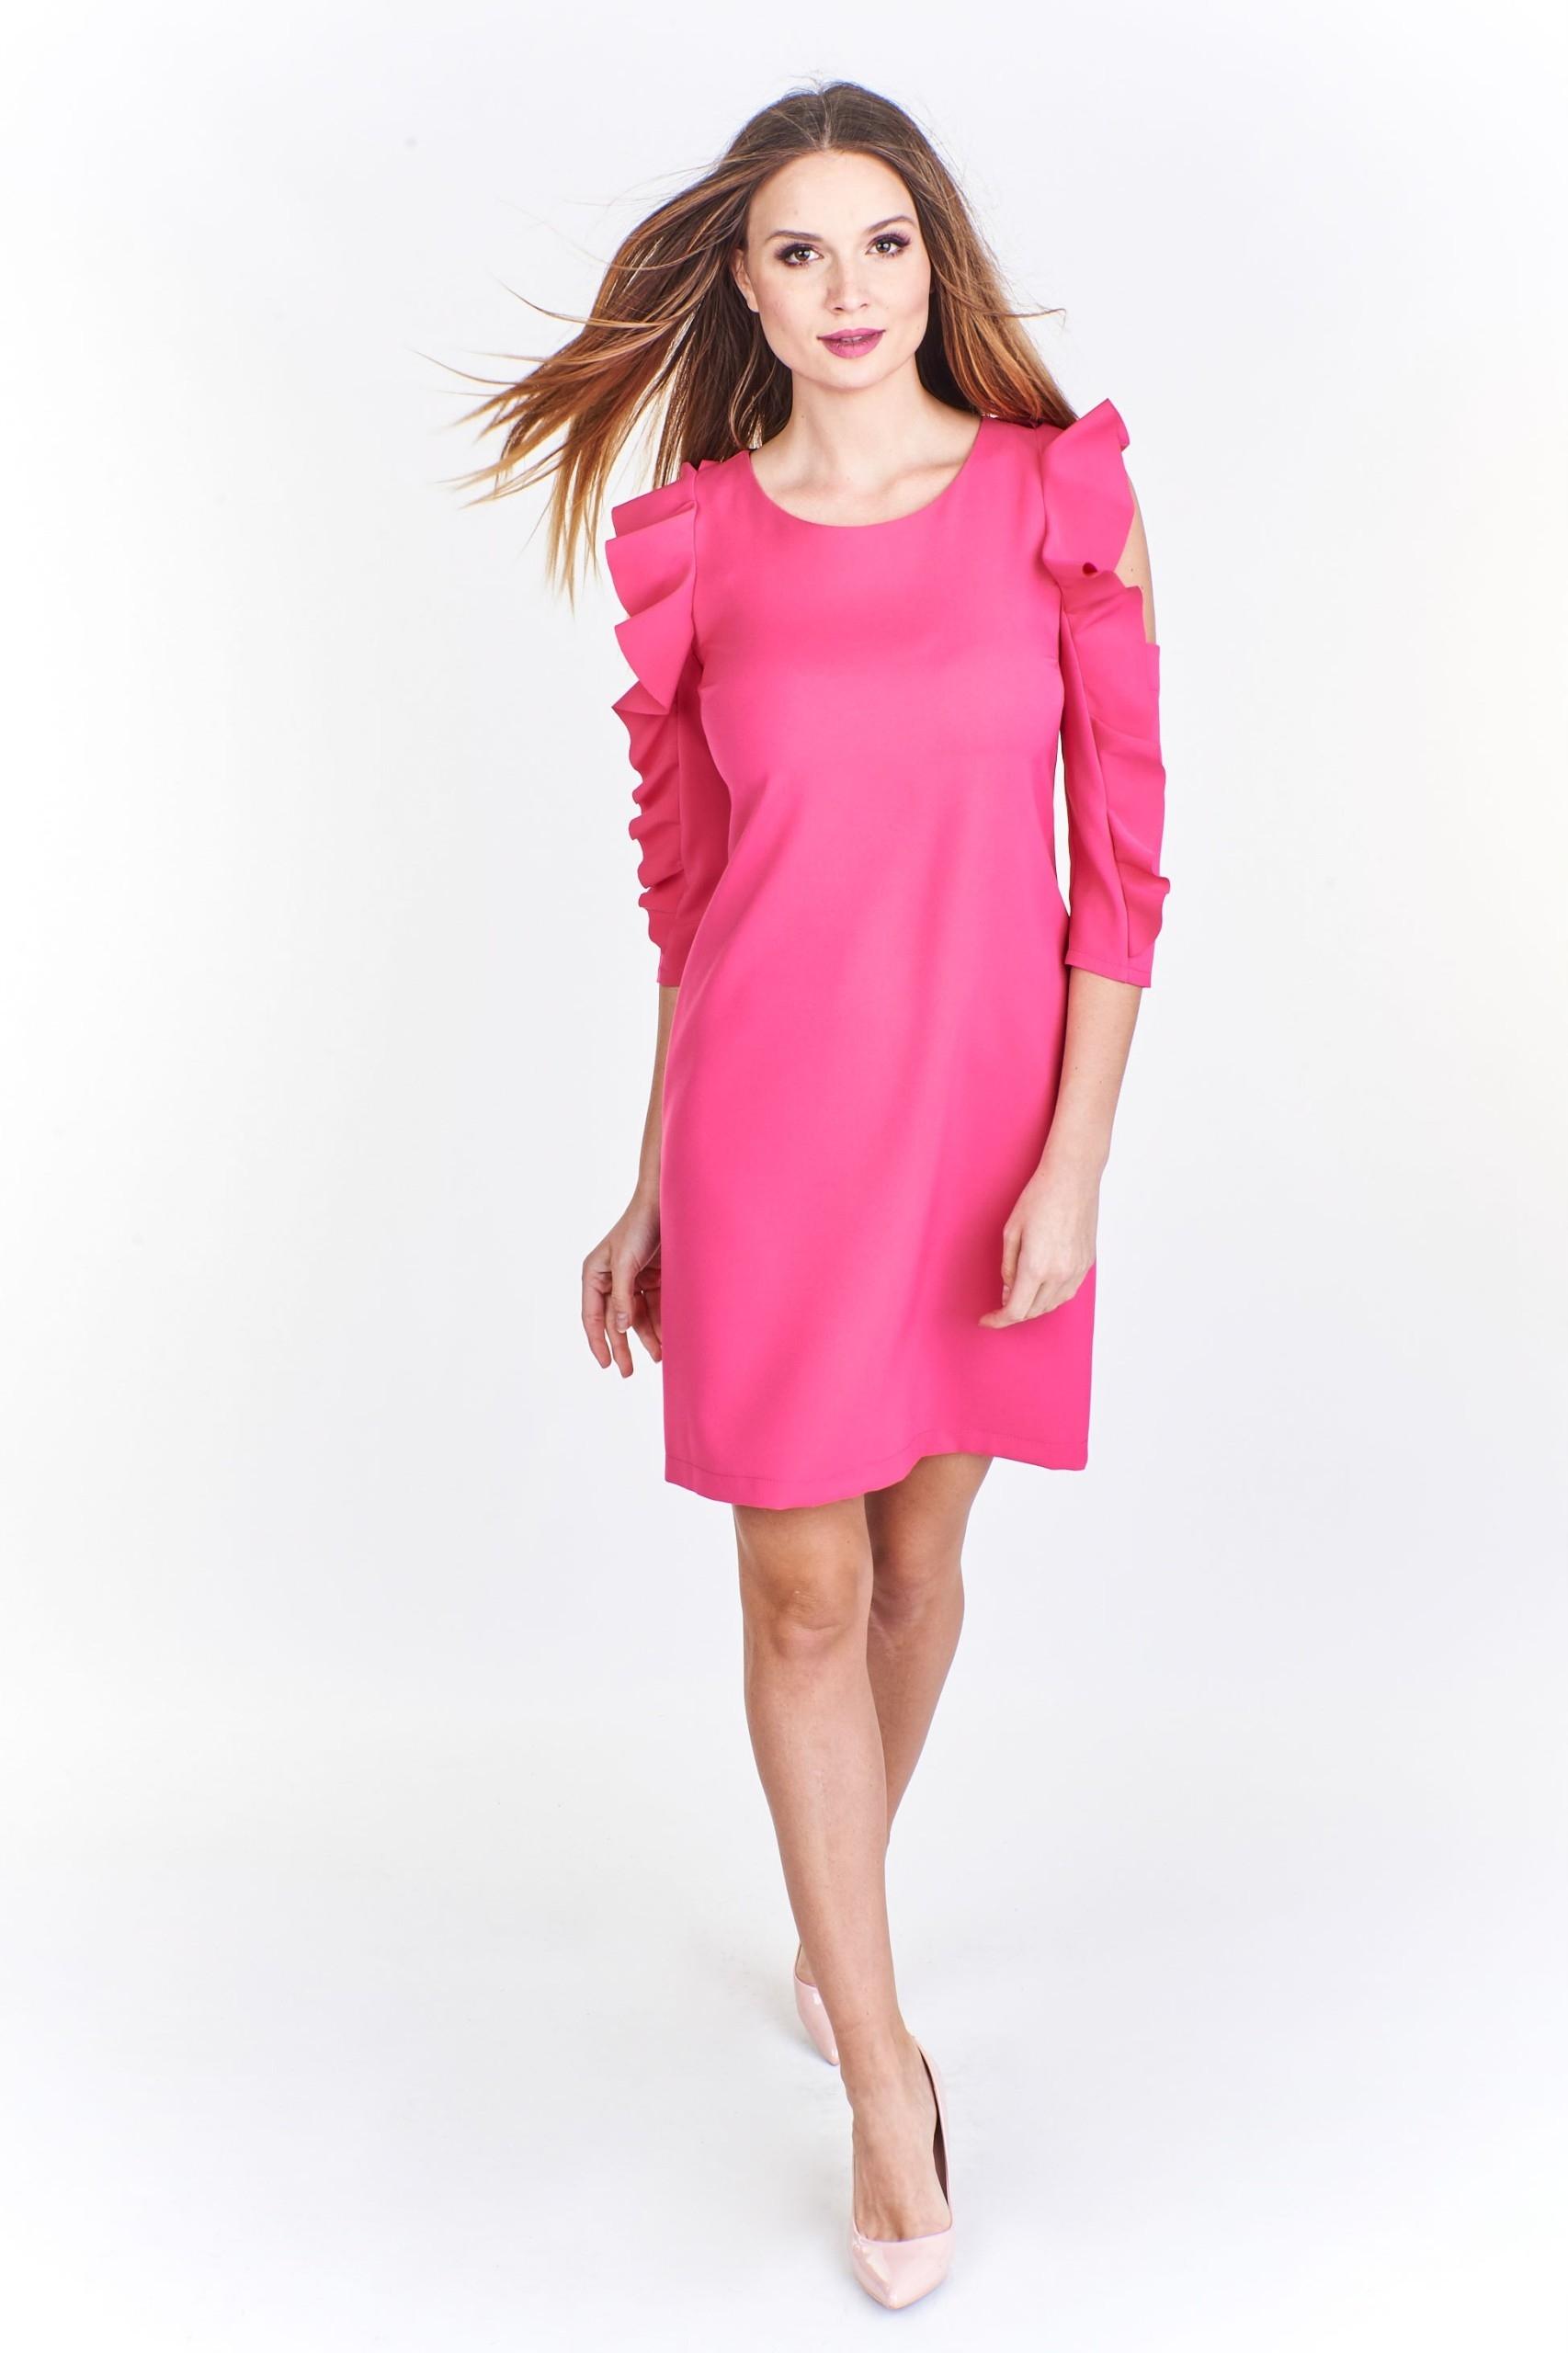 00a79bd2c2 Sukienka koktajlowa z falabaniastymi rękawami 44 R - 7472745582 - oficjalne  archiwum allegro